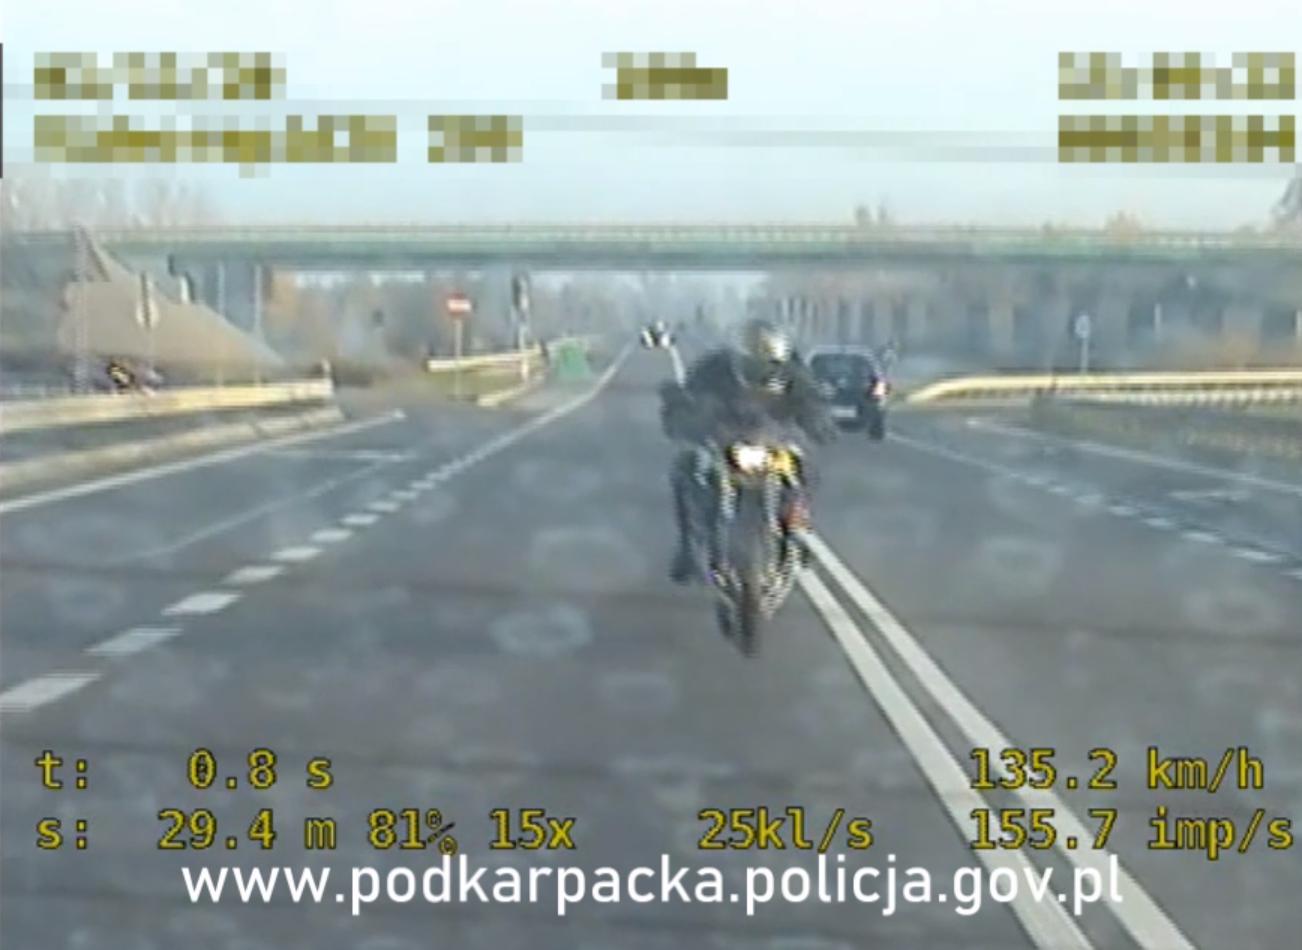 Wyprzedził policjantów na podwójnej ciągłej. Ruszyli w pościg [VIDEO] - Zdjęcie główne